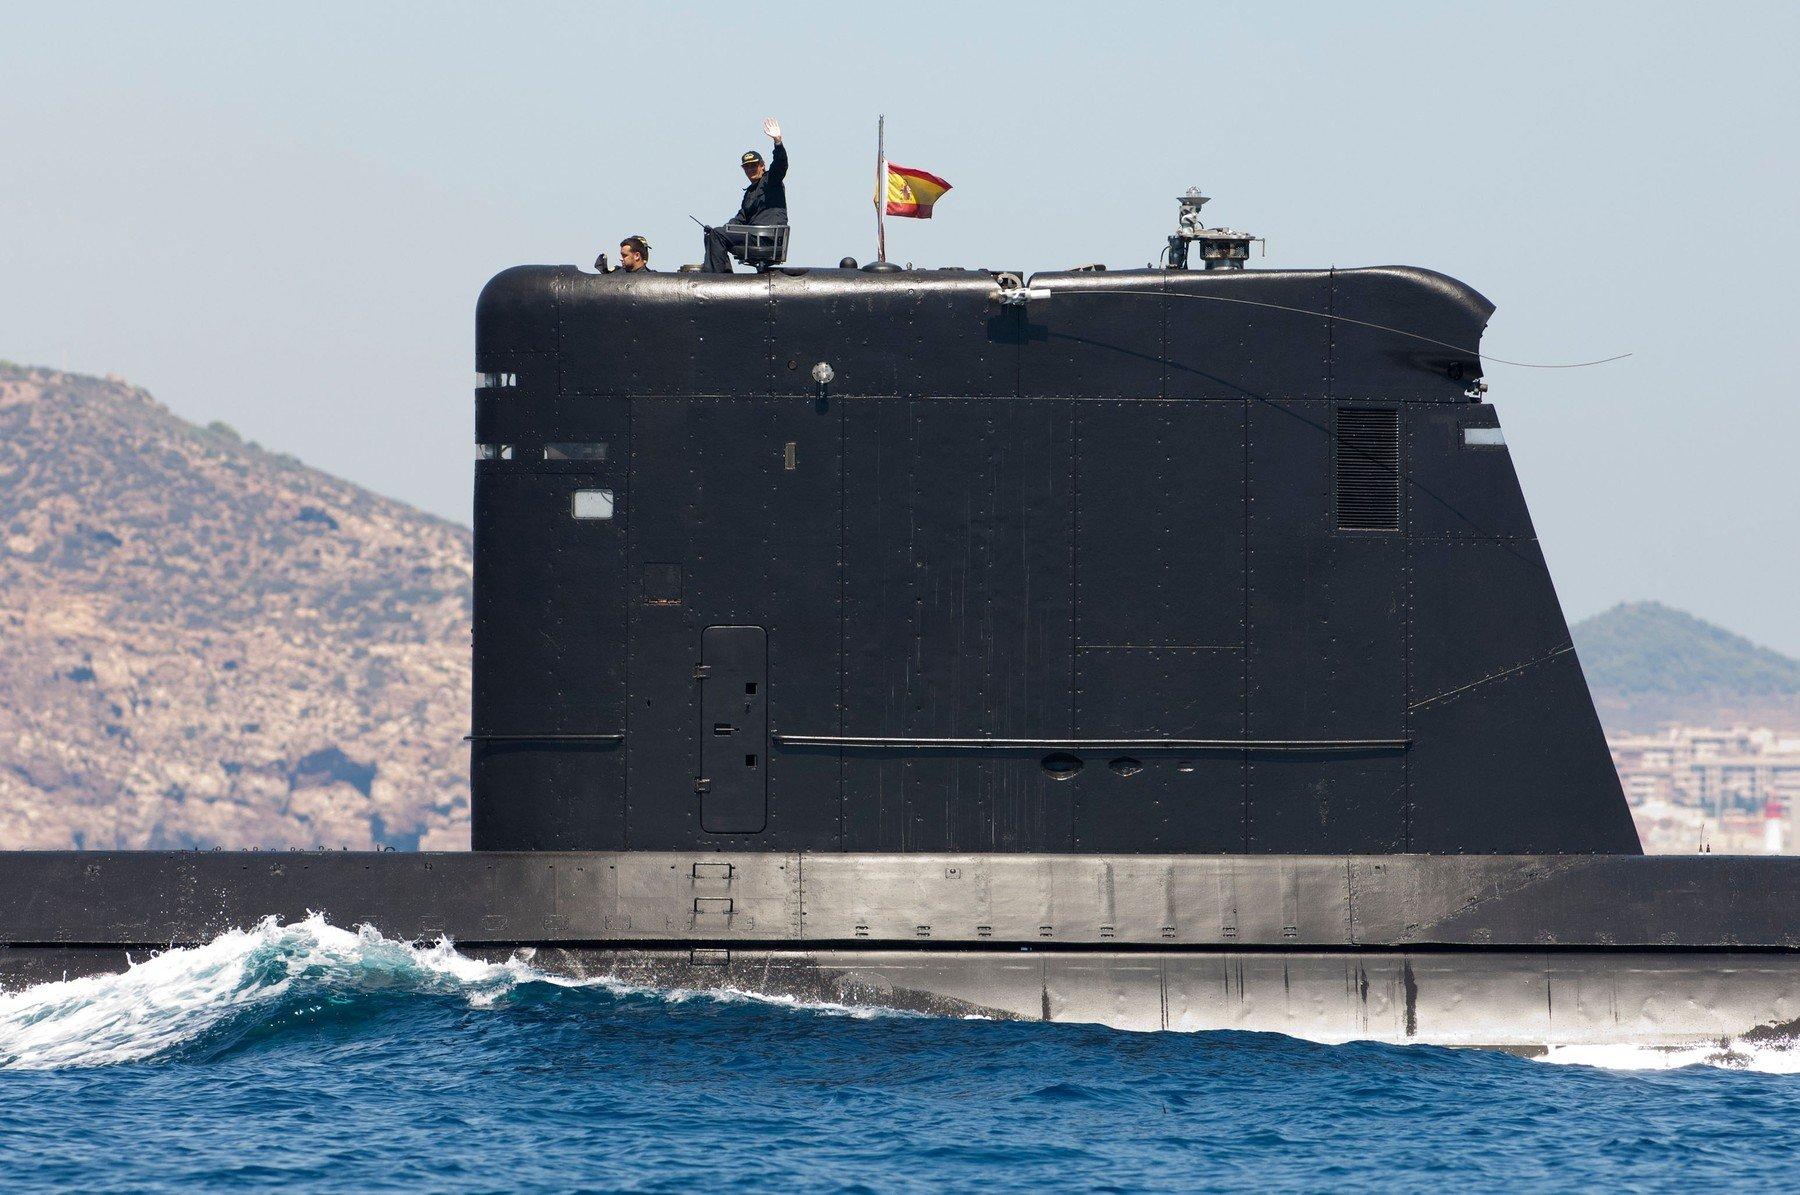 Španjolska podmornica S-70 u Kartageni